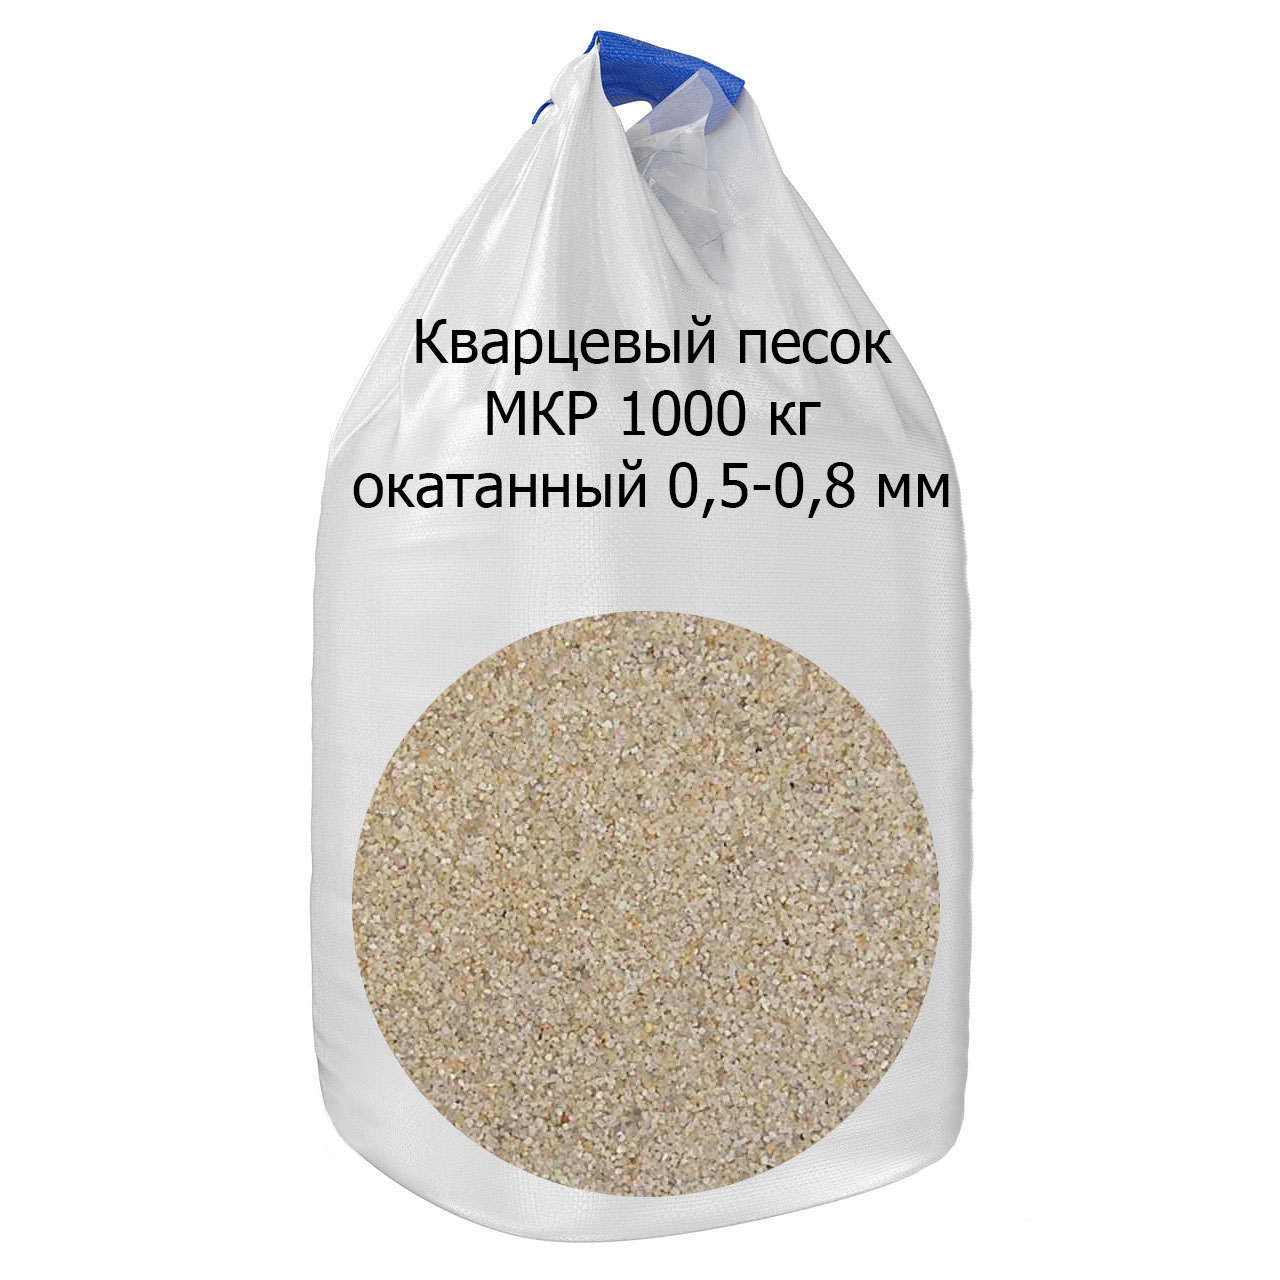 Песок кварцевый 0,5-0,8 в МКР (биг-бэг) 1000 кг